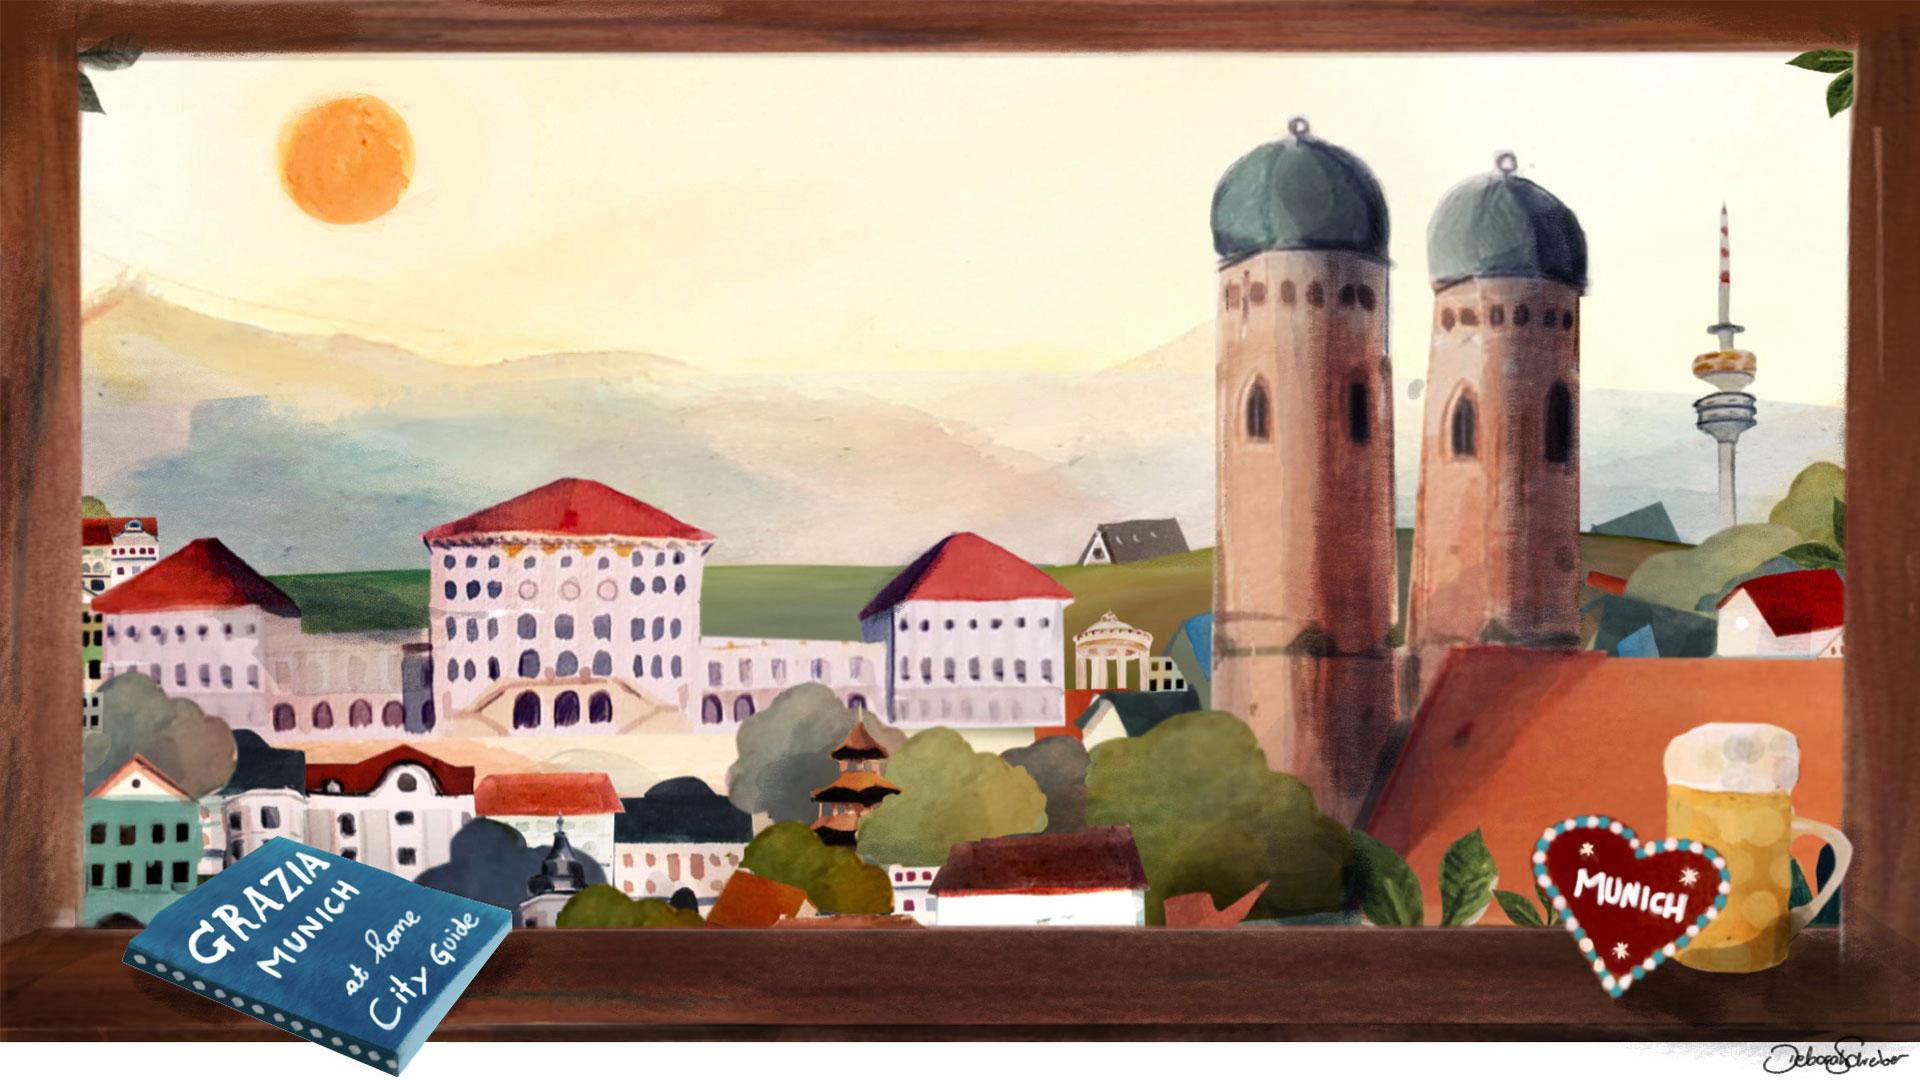 GRAZIA's At Home City Guide To Munich - Grazia USA